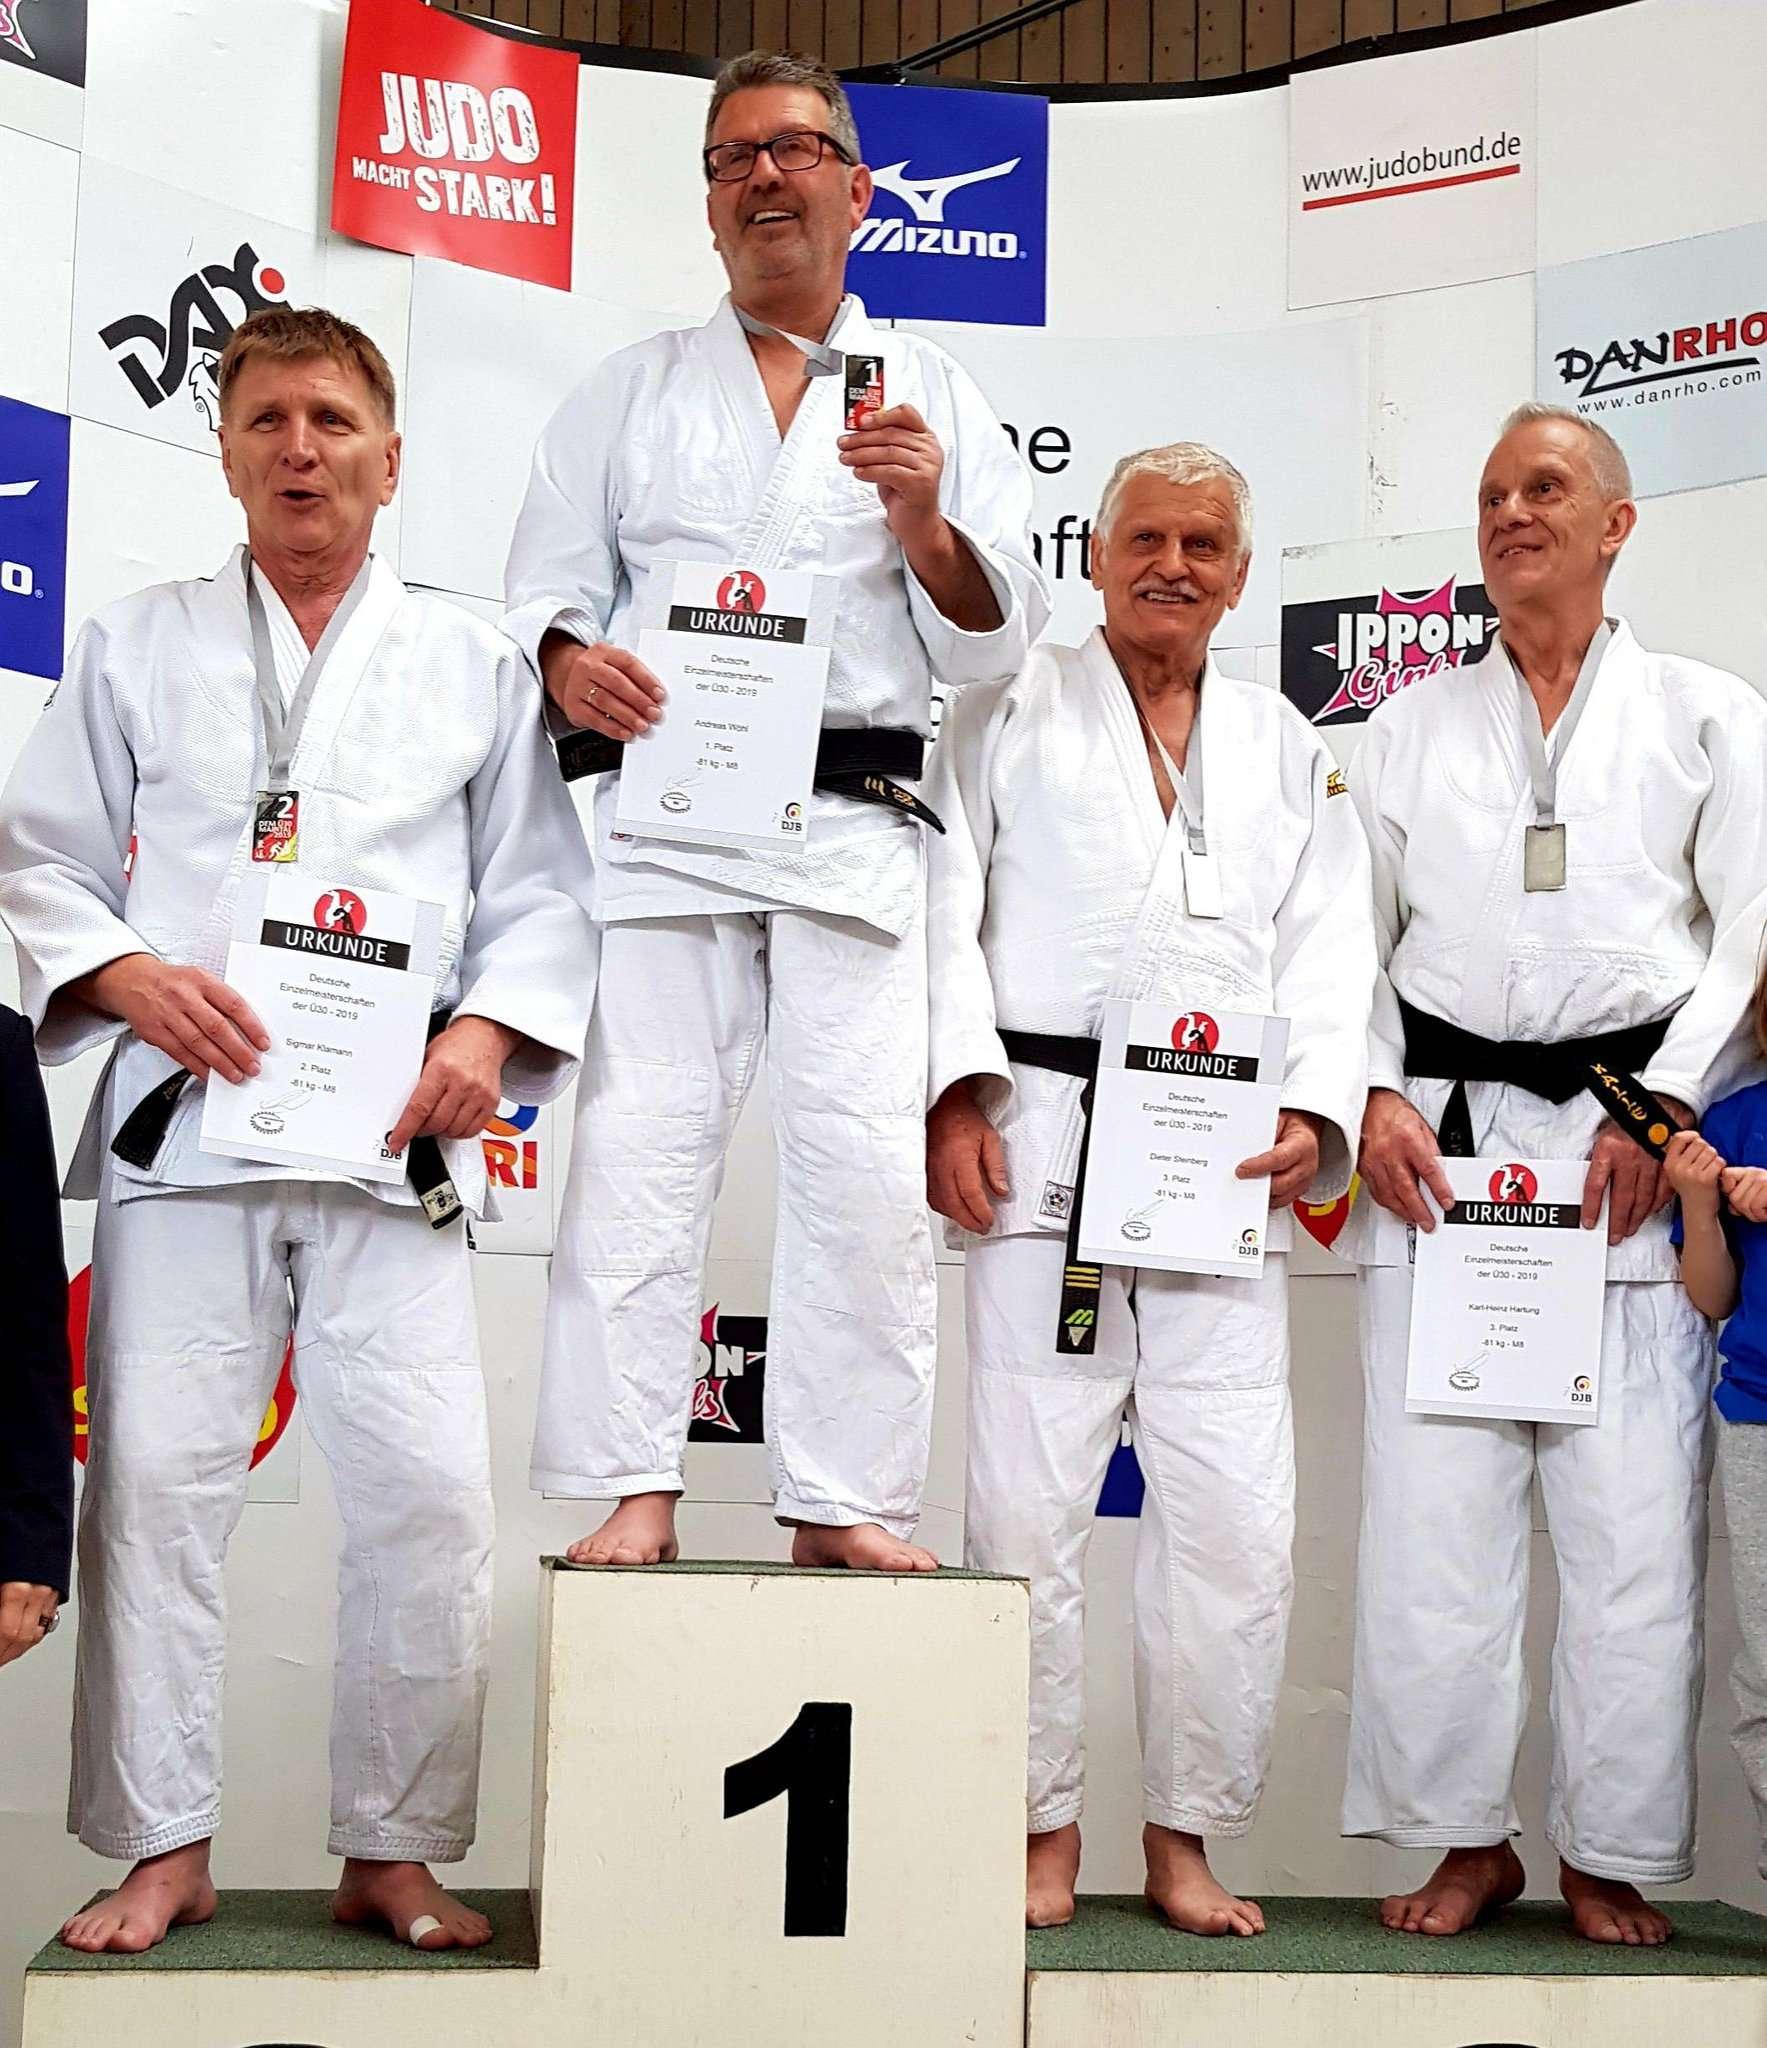 Der 64-jährige Manfred Wöhl, der seit drei Jahren in Oyten trainiert, wurde jüngst in Maintal deutscher Judo-Meister.